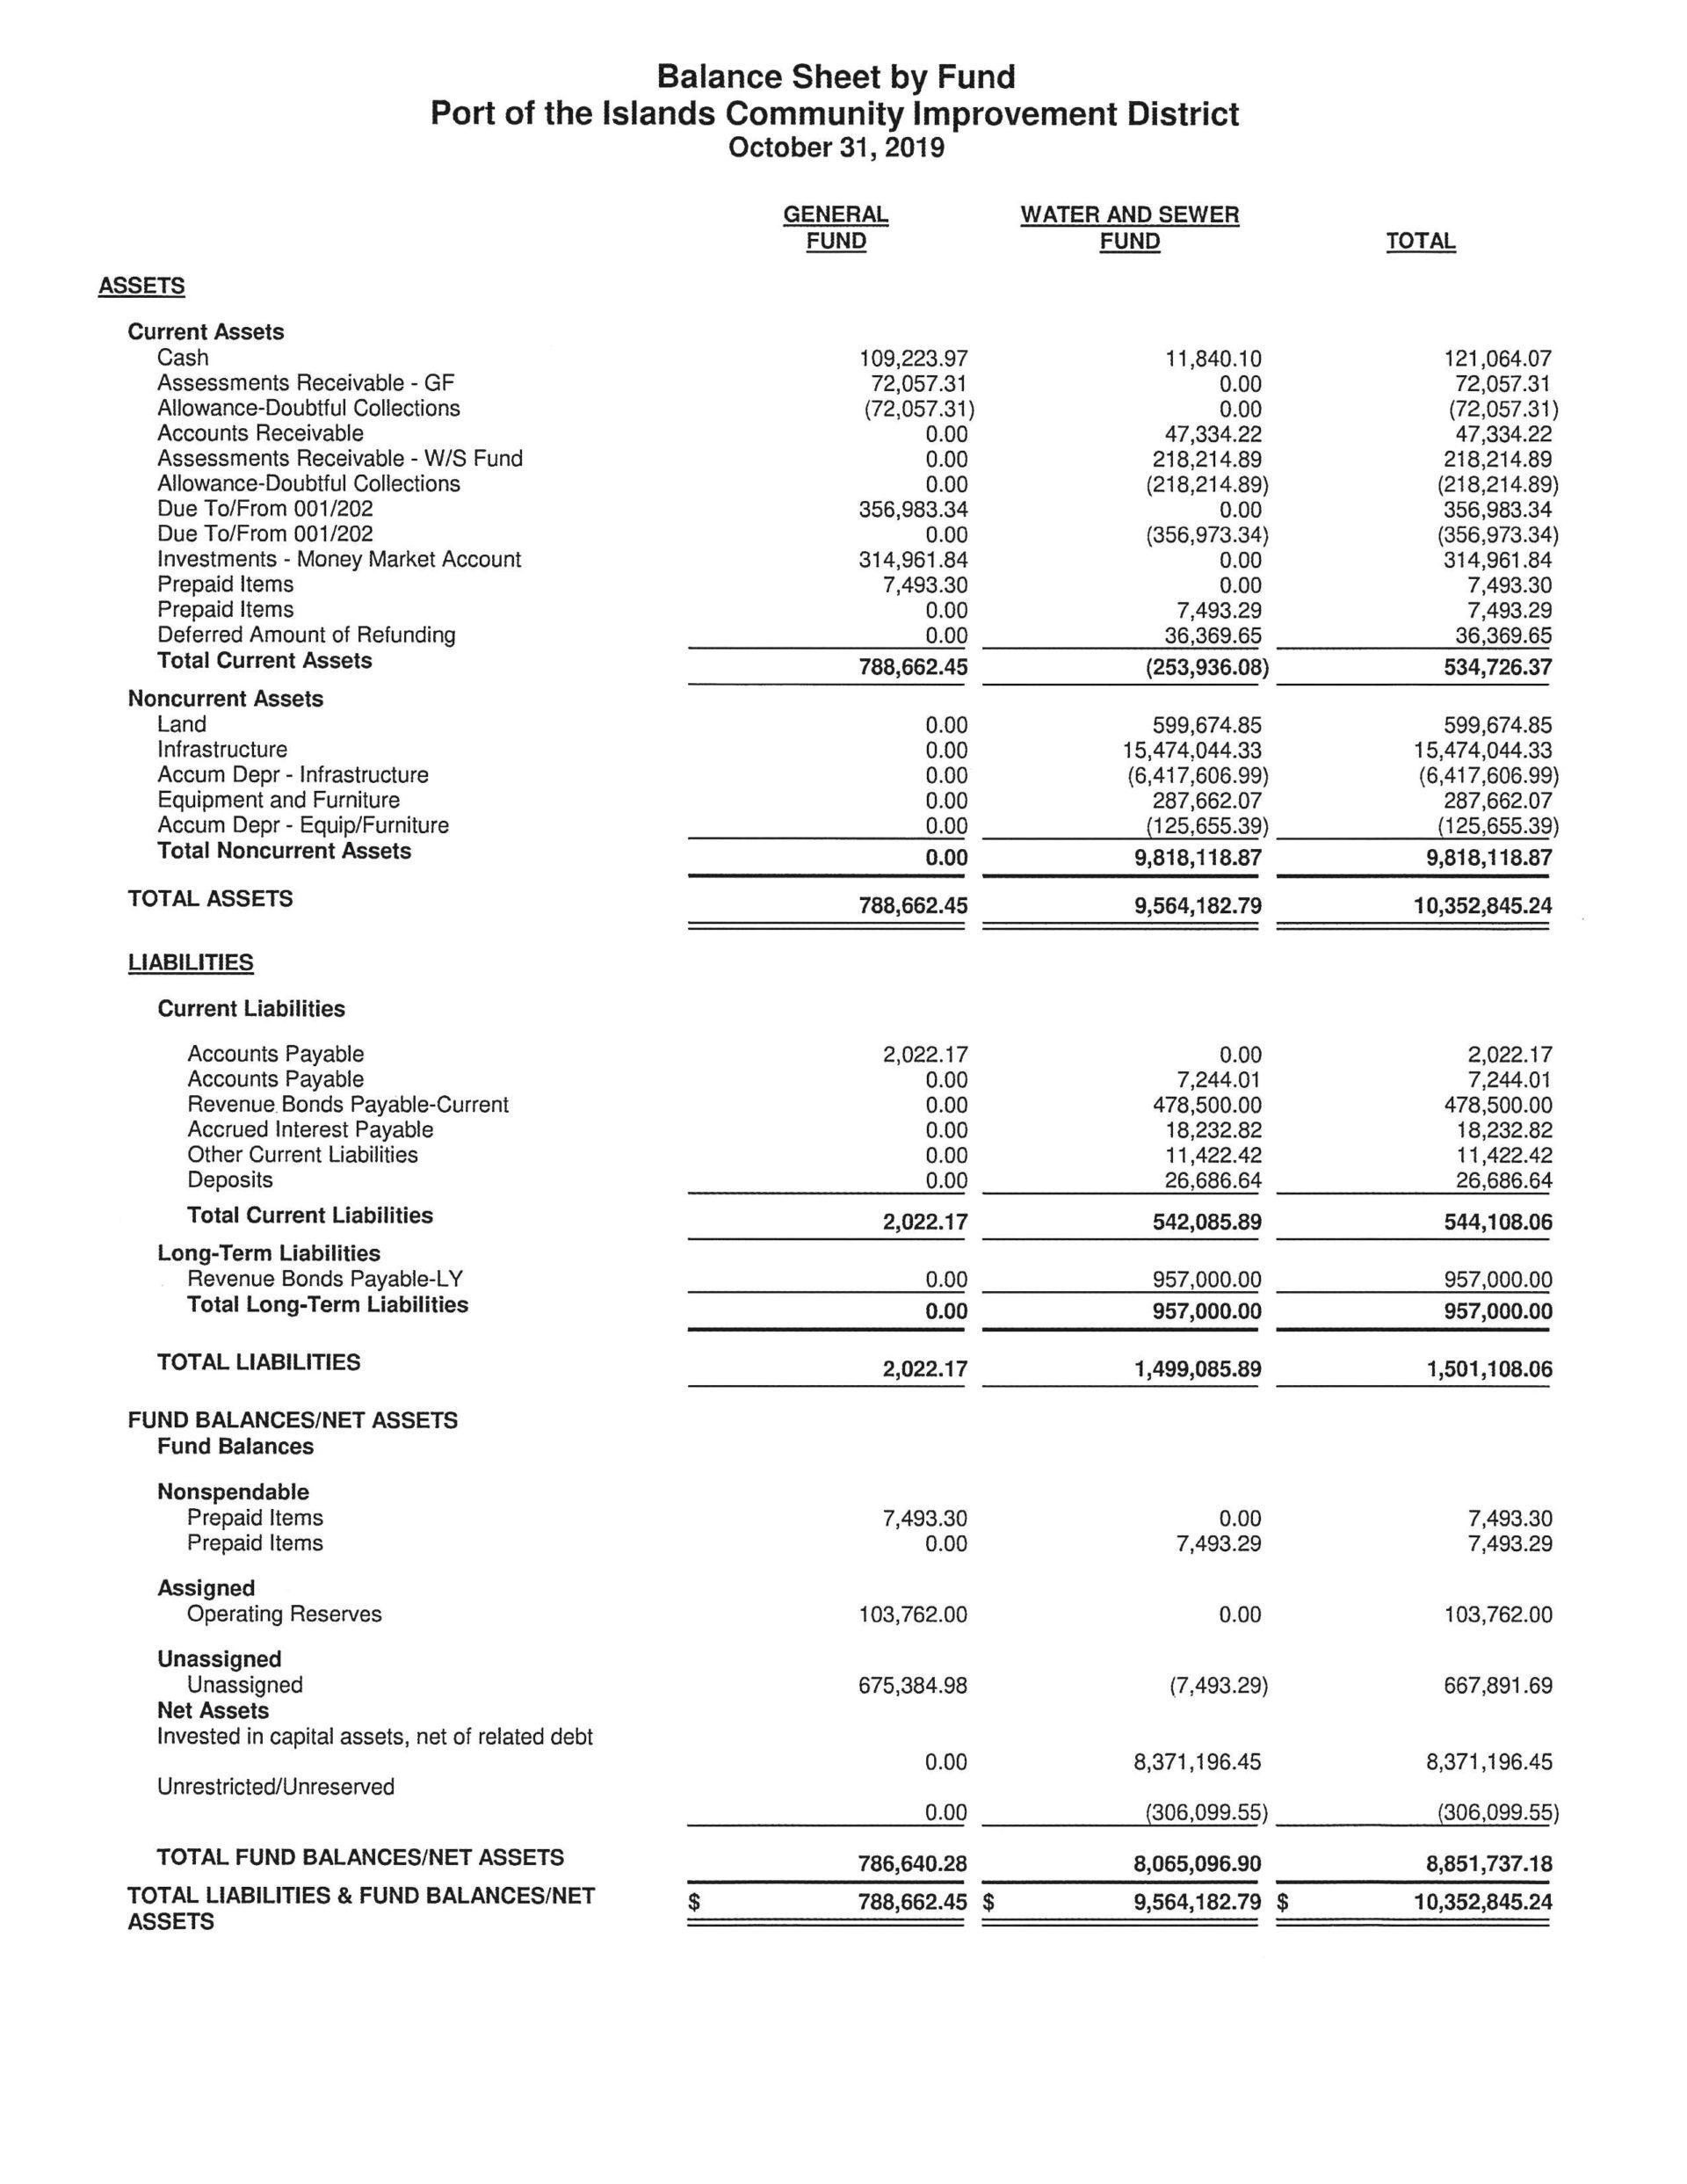 Balance Sheet 2019-10-31